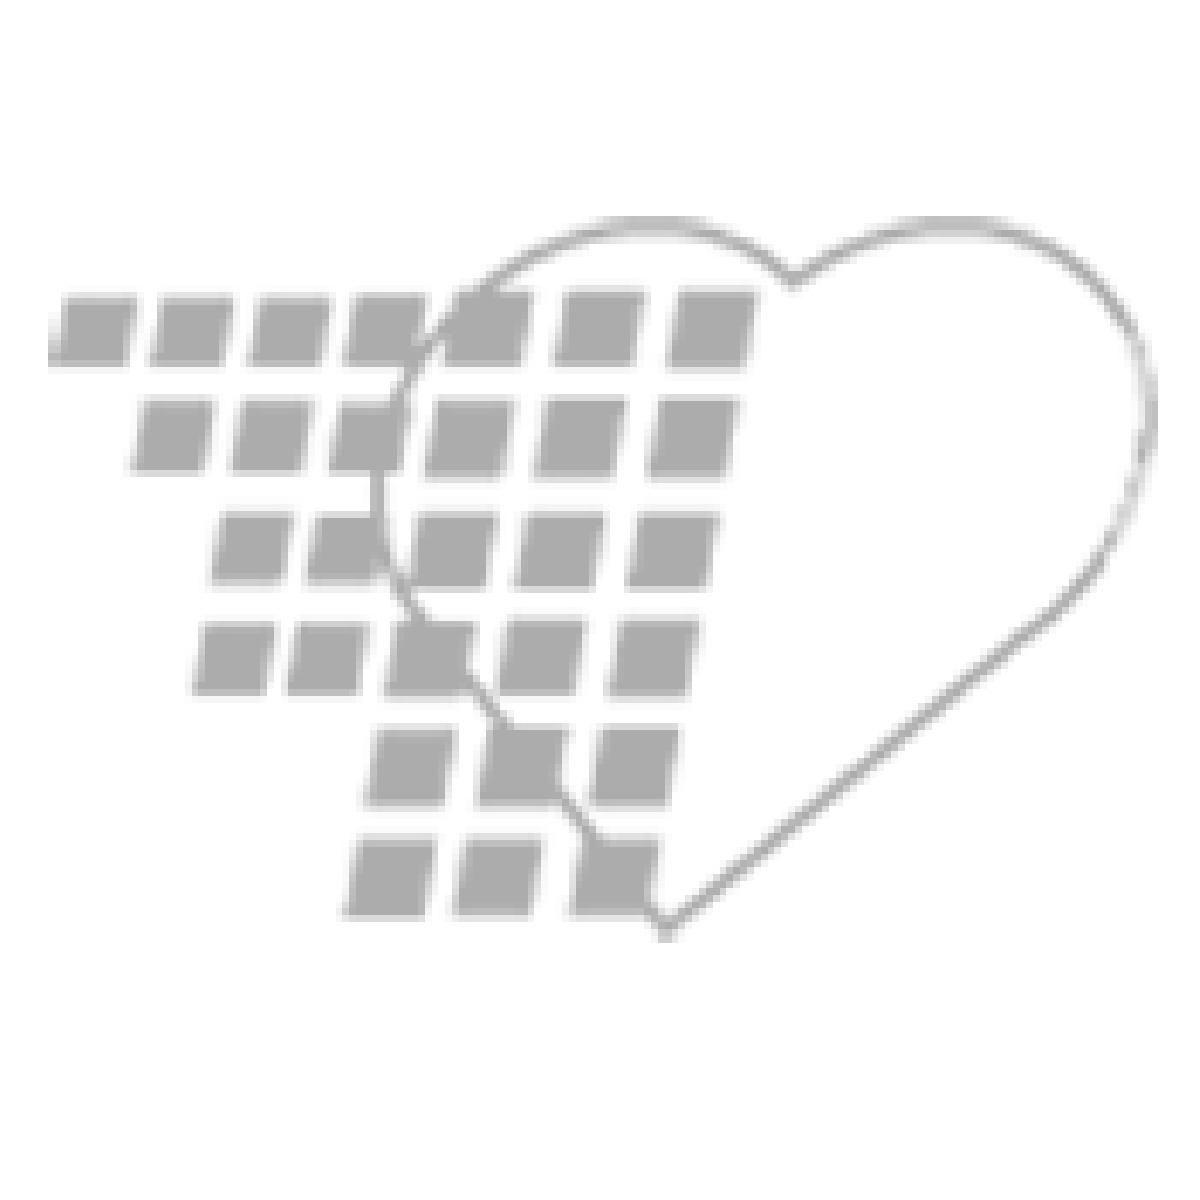 11-81-1006 ReaLifeSim Simulated Blood Vessels